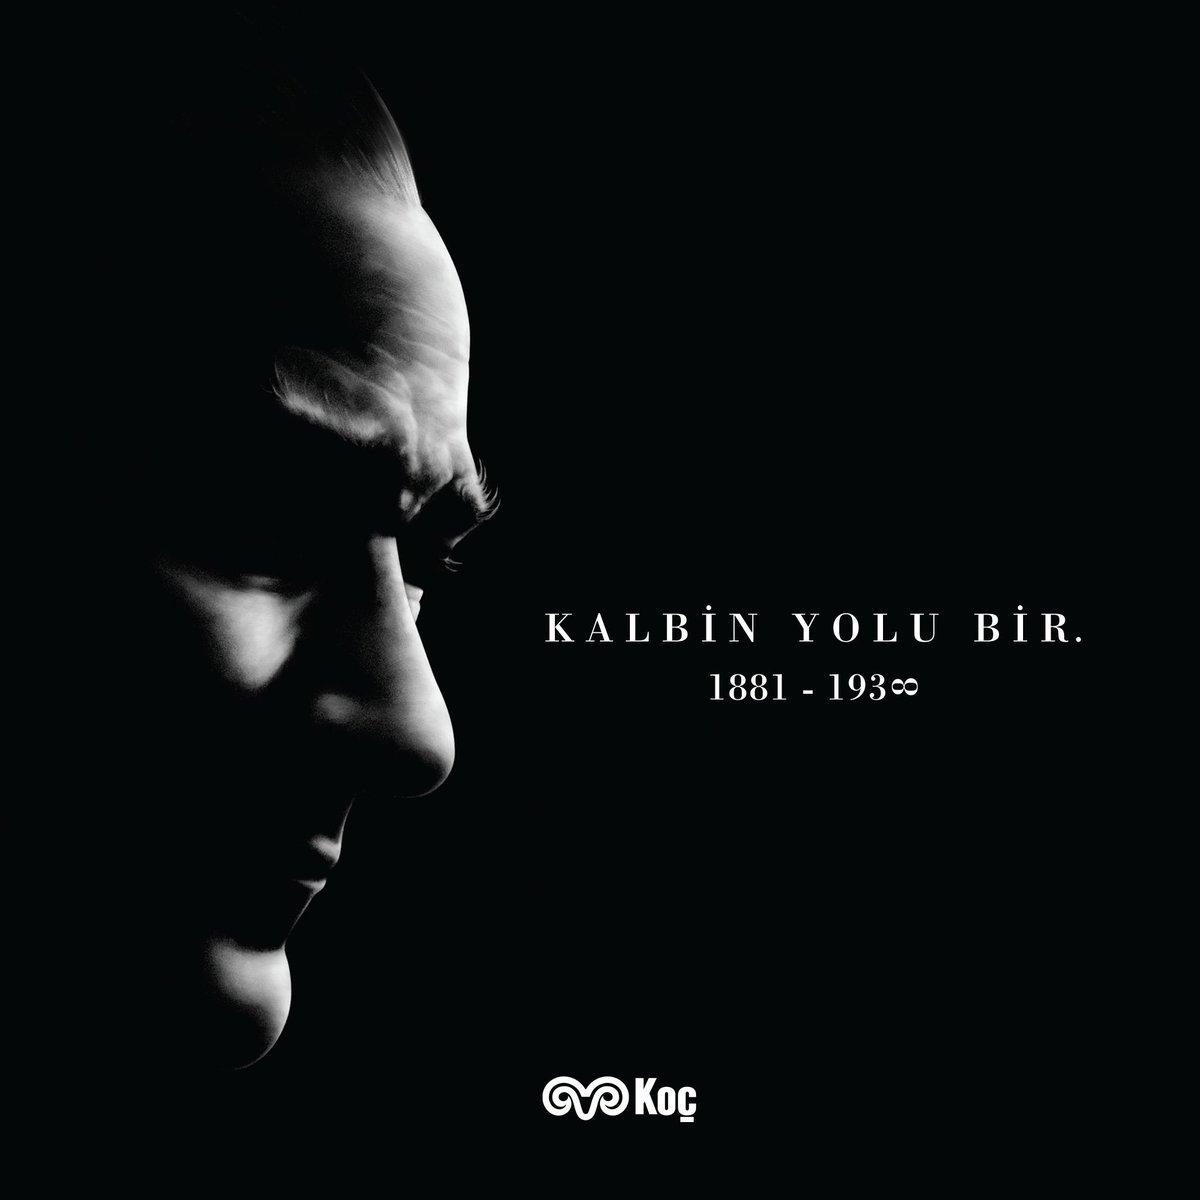 #kalbinyolubir http://t.co/Eb6GPg4sHJ